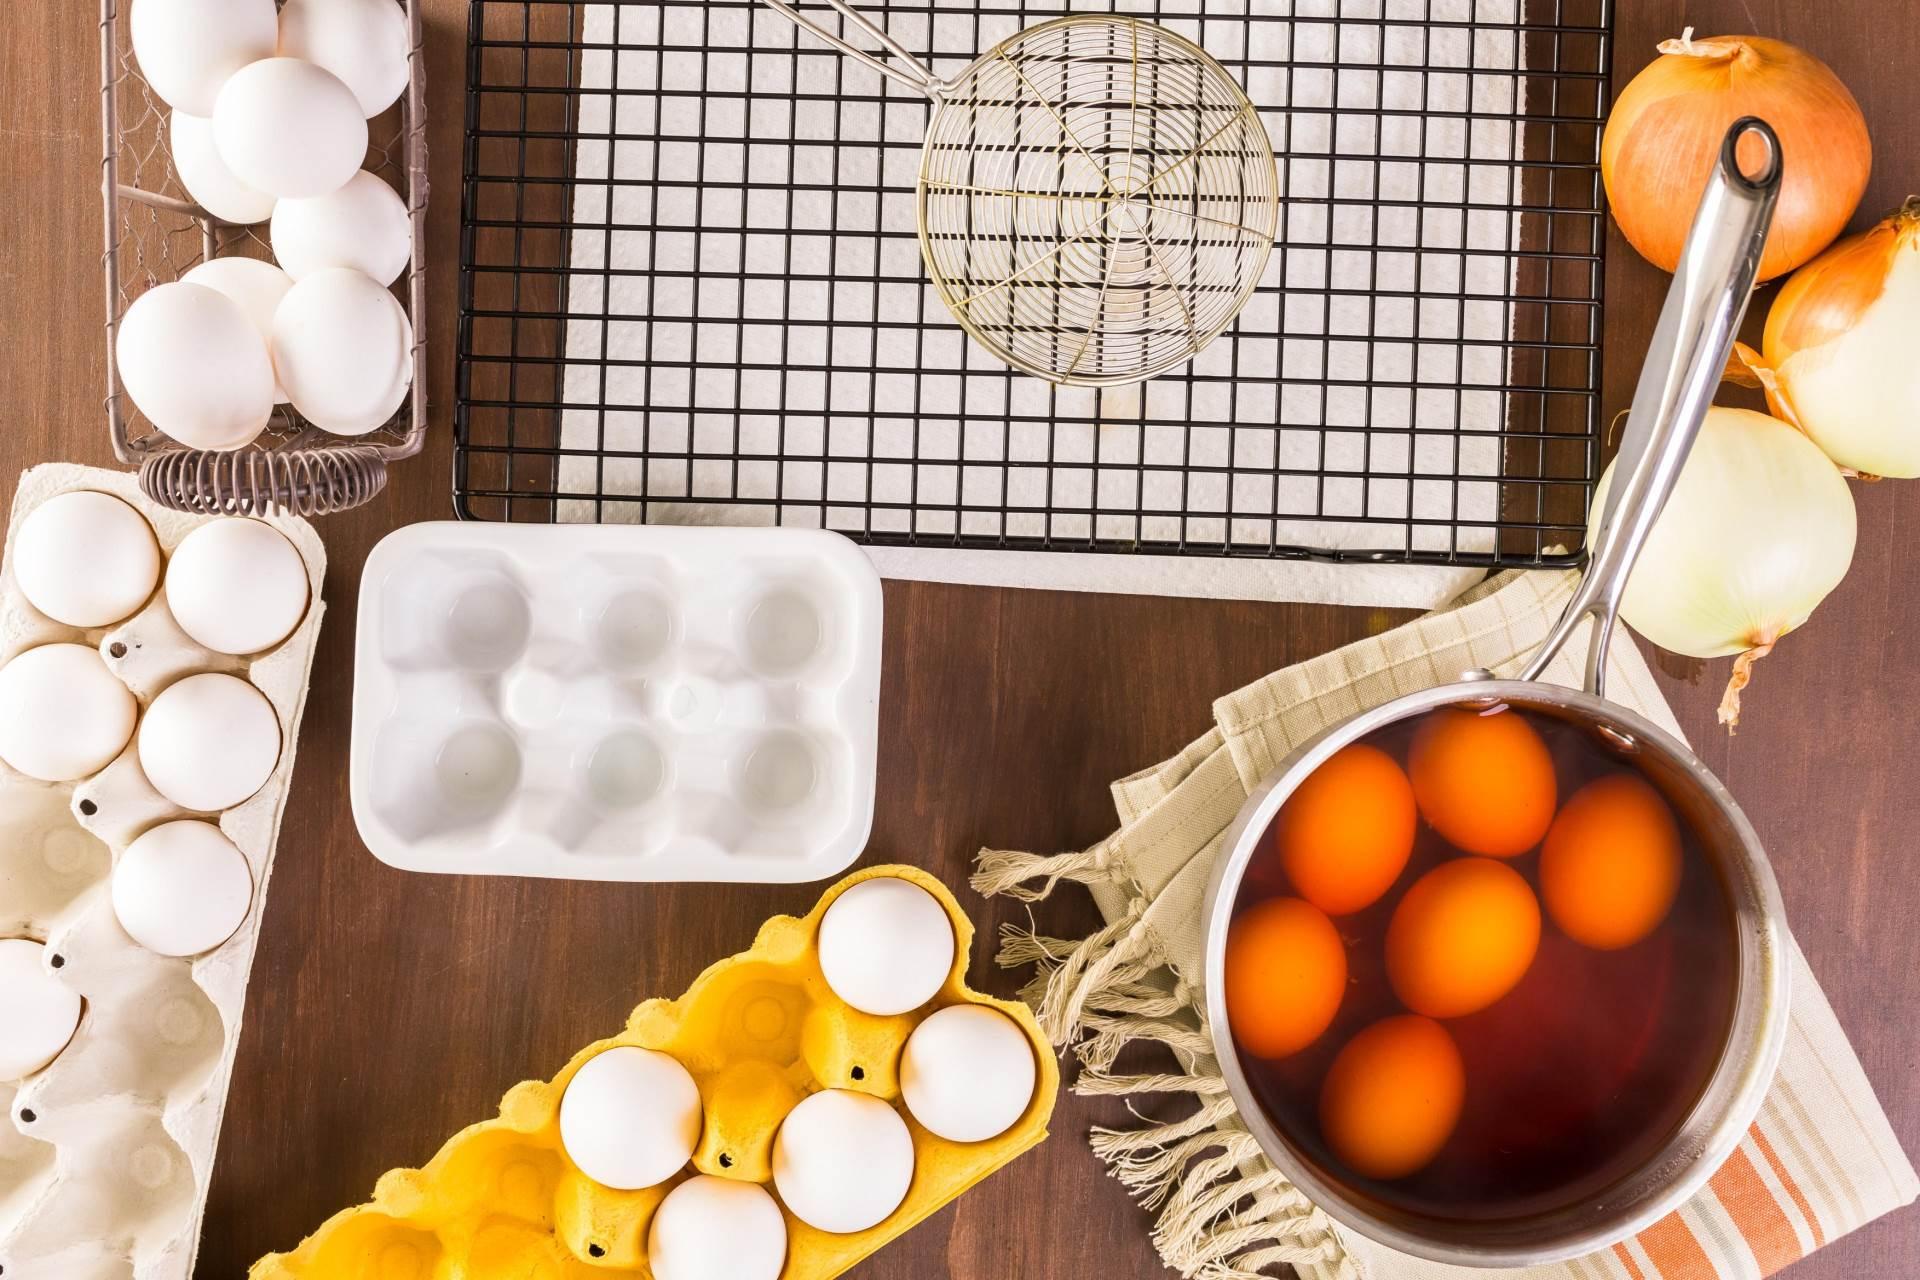 Ljuske crvenog luka jajima daju crvenkasto-smeđu boju